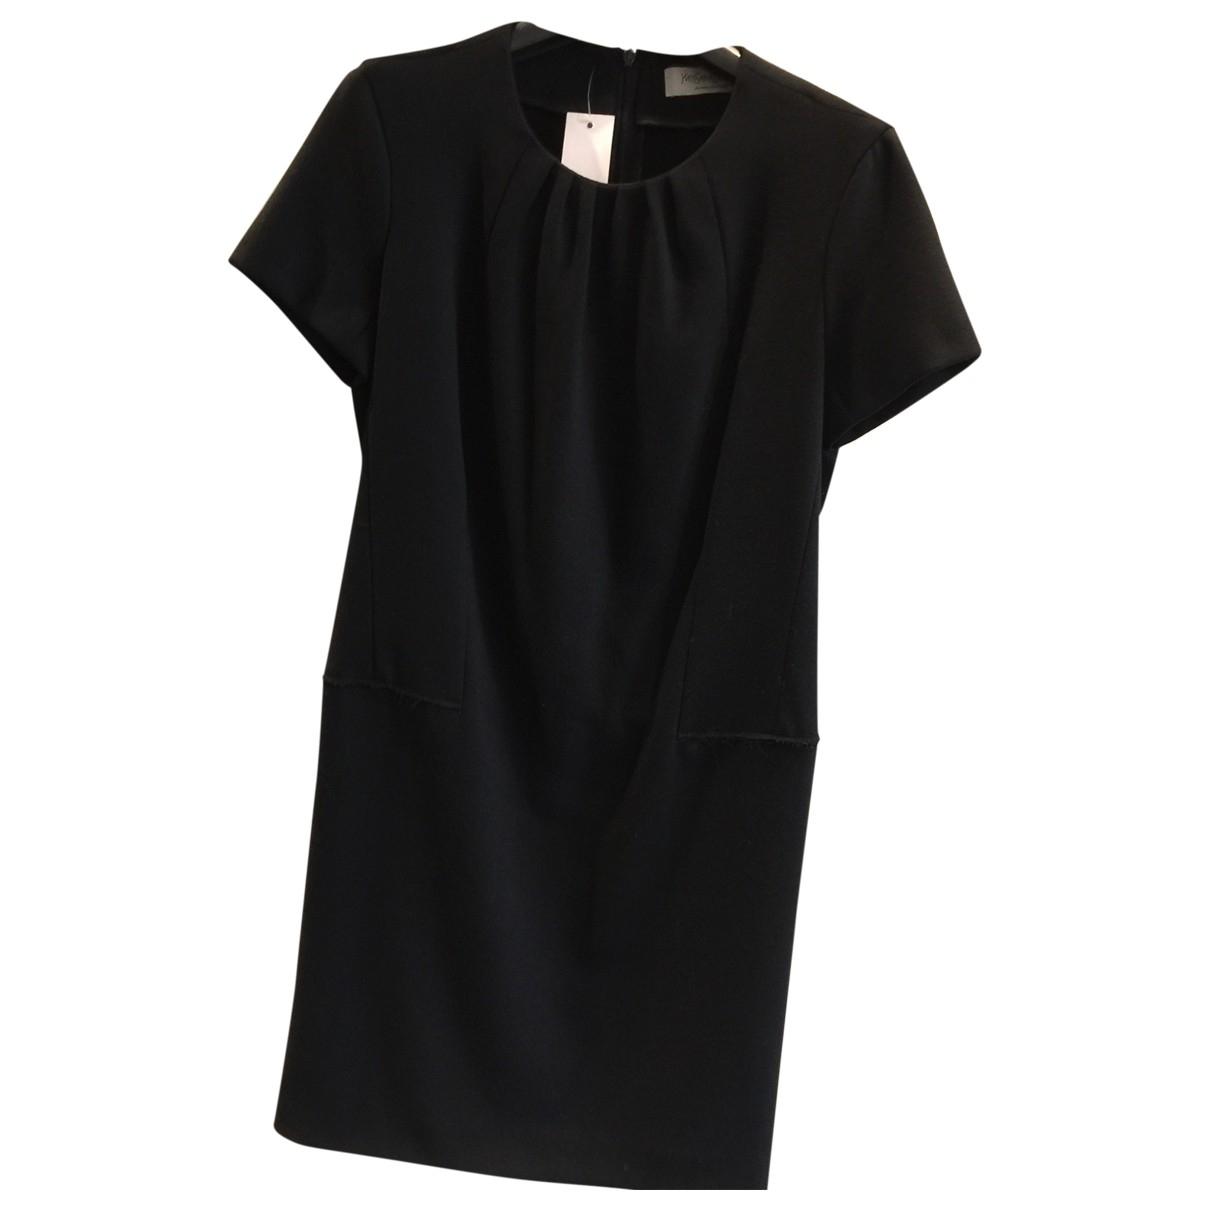 Yves Saint Laurent \N Kleid in  Schwarz Wolle